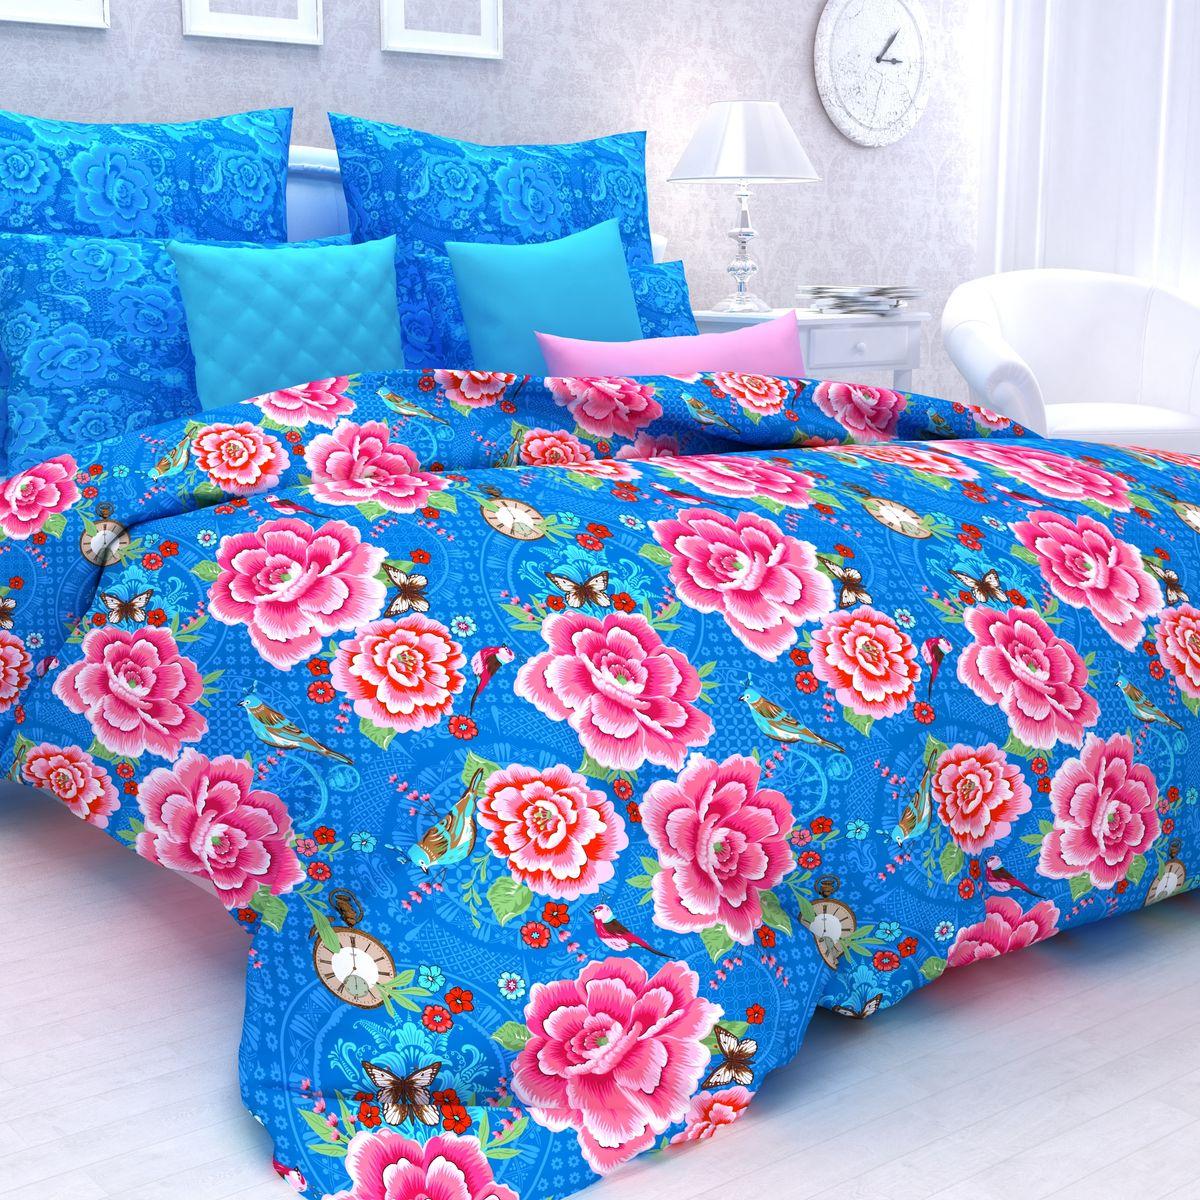 Комплект белья Унисон Василиса, евро, наволочки 70 x 70, цвет: синий. 232756232756